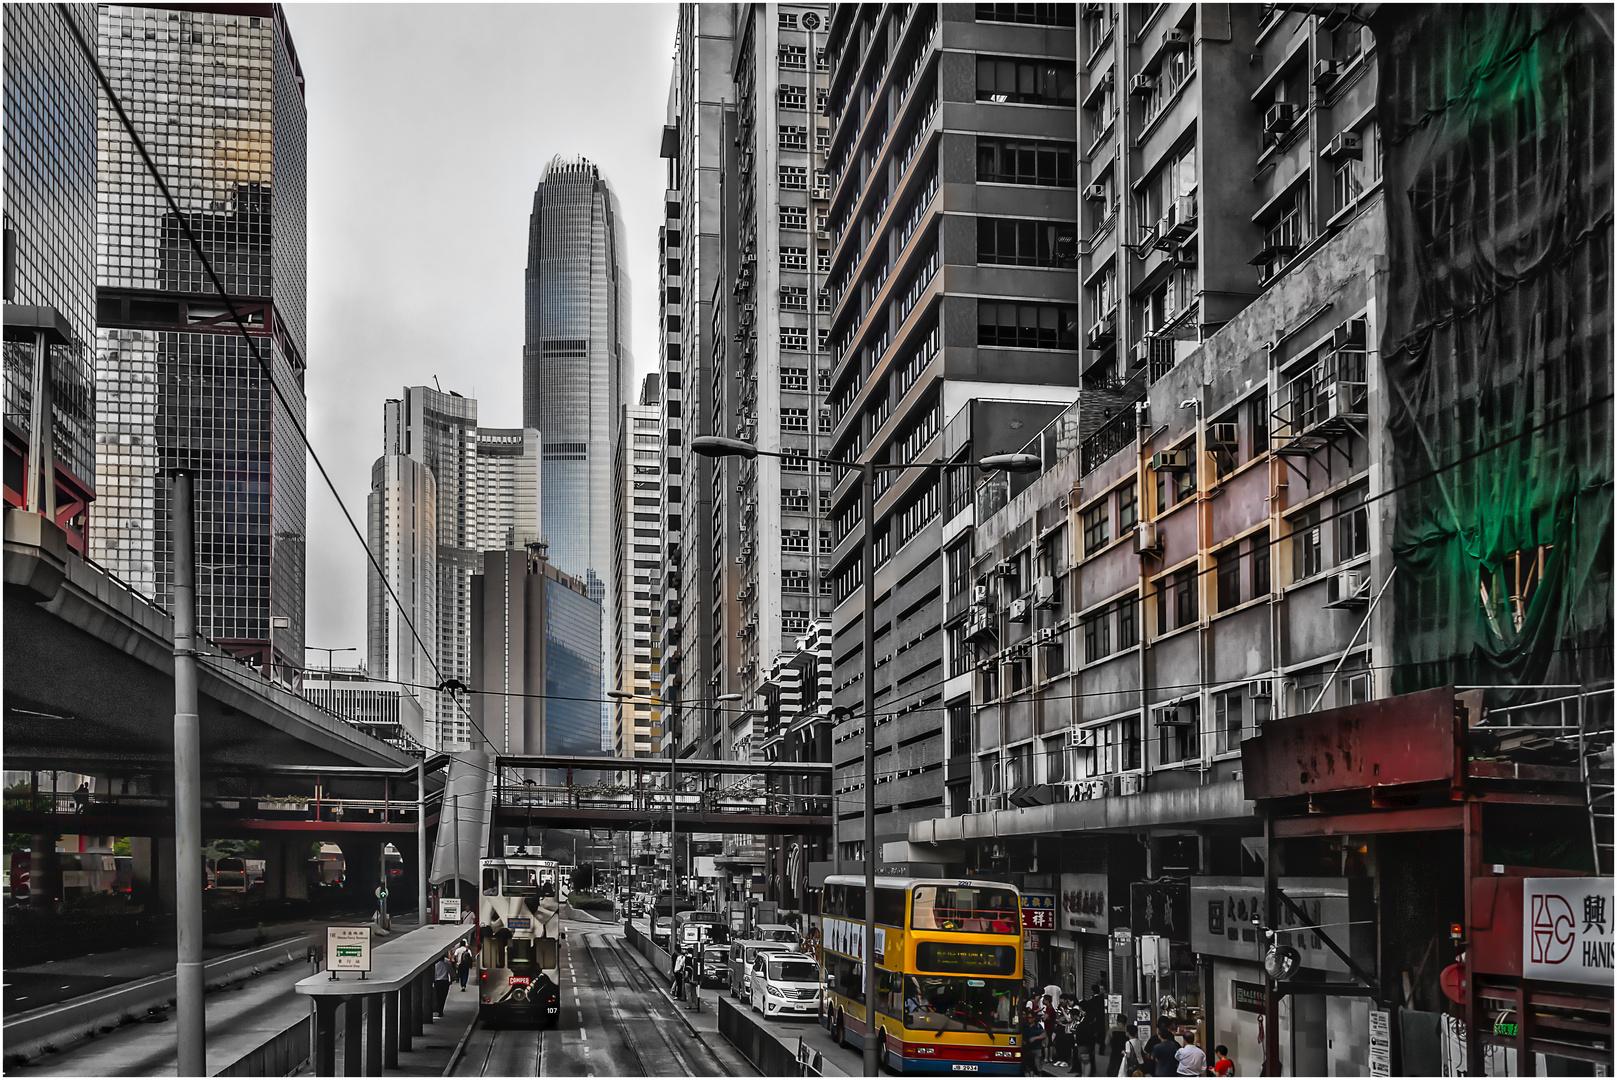 [HK-Straßenschluchten]